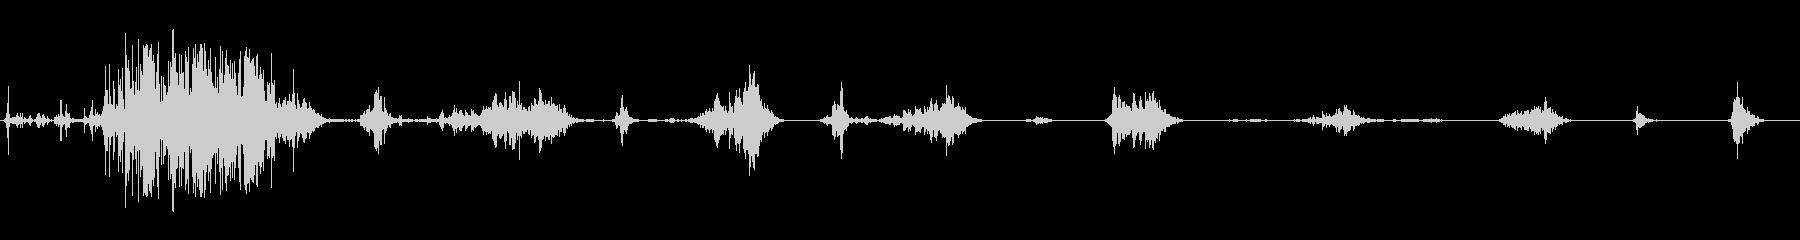 食べる音16(ポテトチップスなど)の未再生の波形